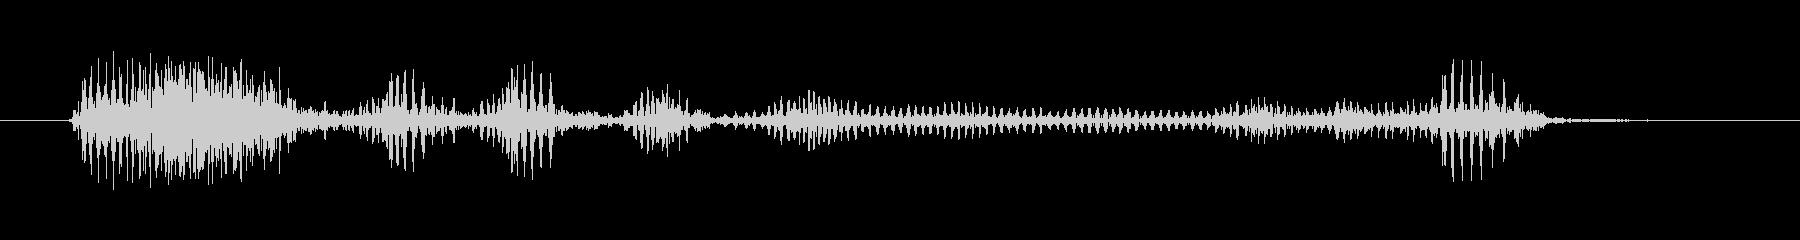 クロヒョウ ヤンググロール06の未再生の波形